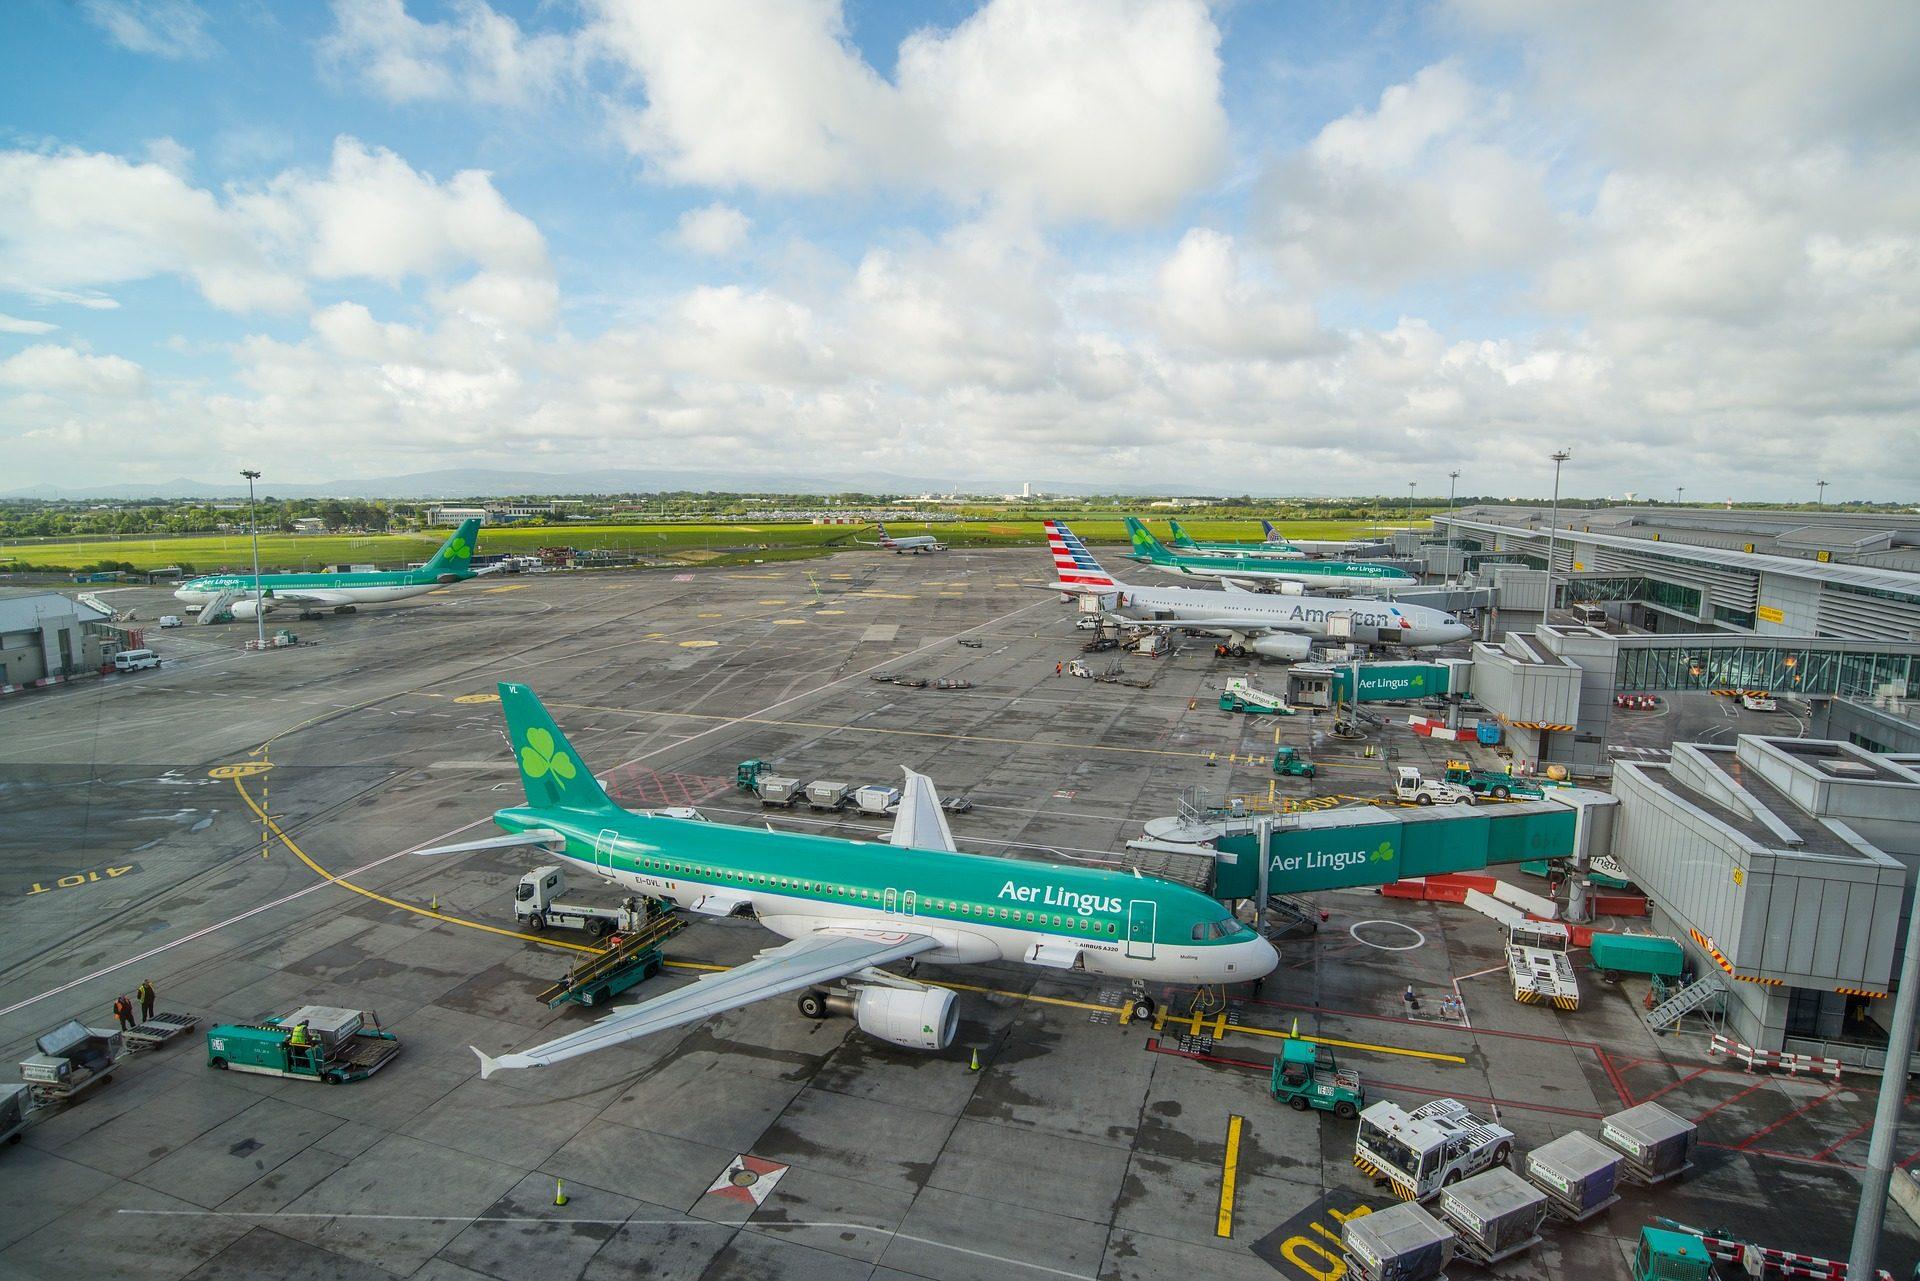 Αεροδρόμιο, παρακολουθείτε, υπόστεγα, aviones, αεροσκάφη, εμπορική - Wallpapers HD - Professor-falken.com